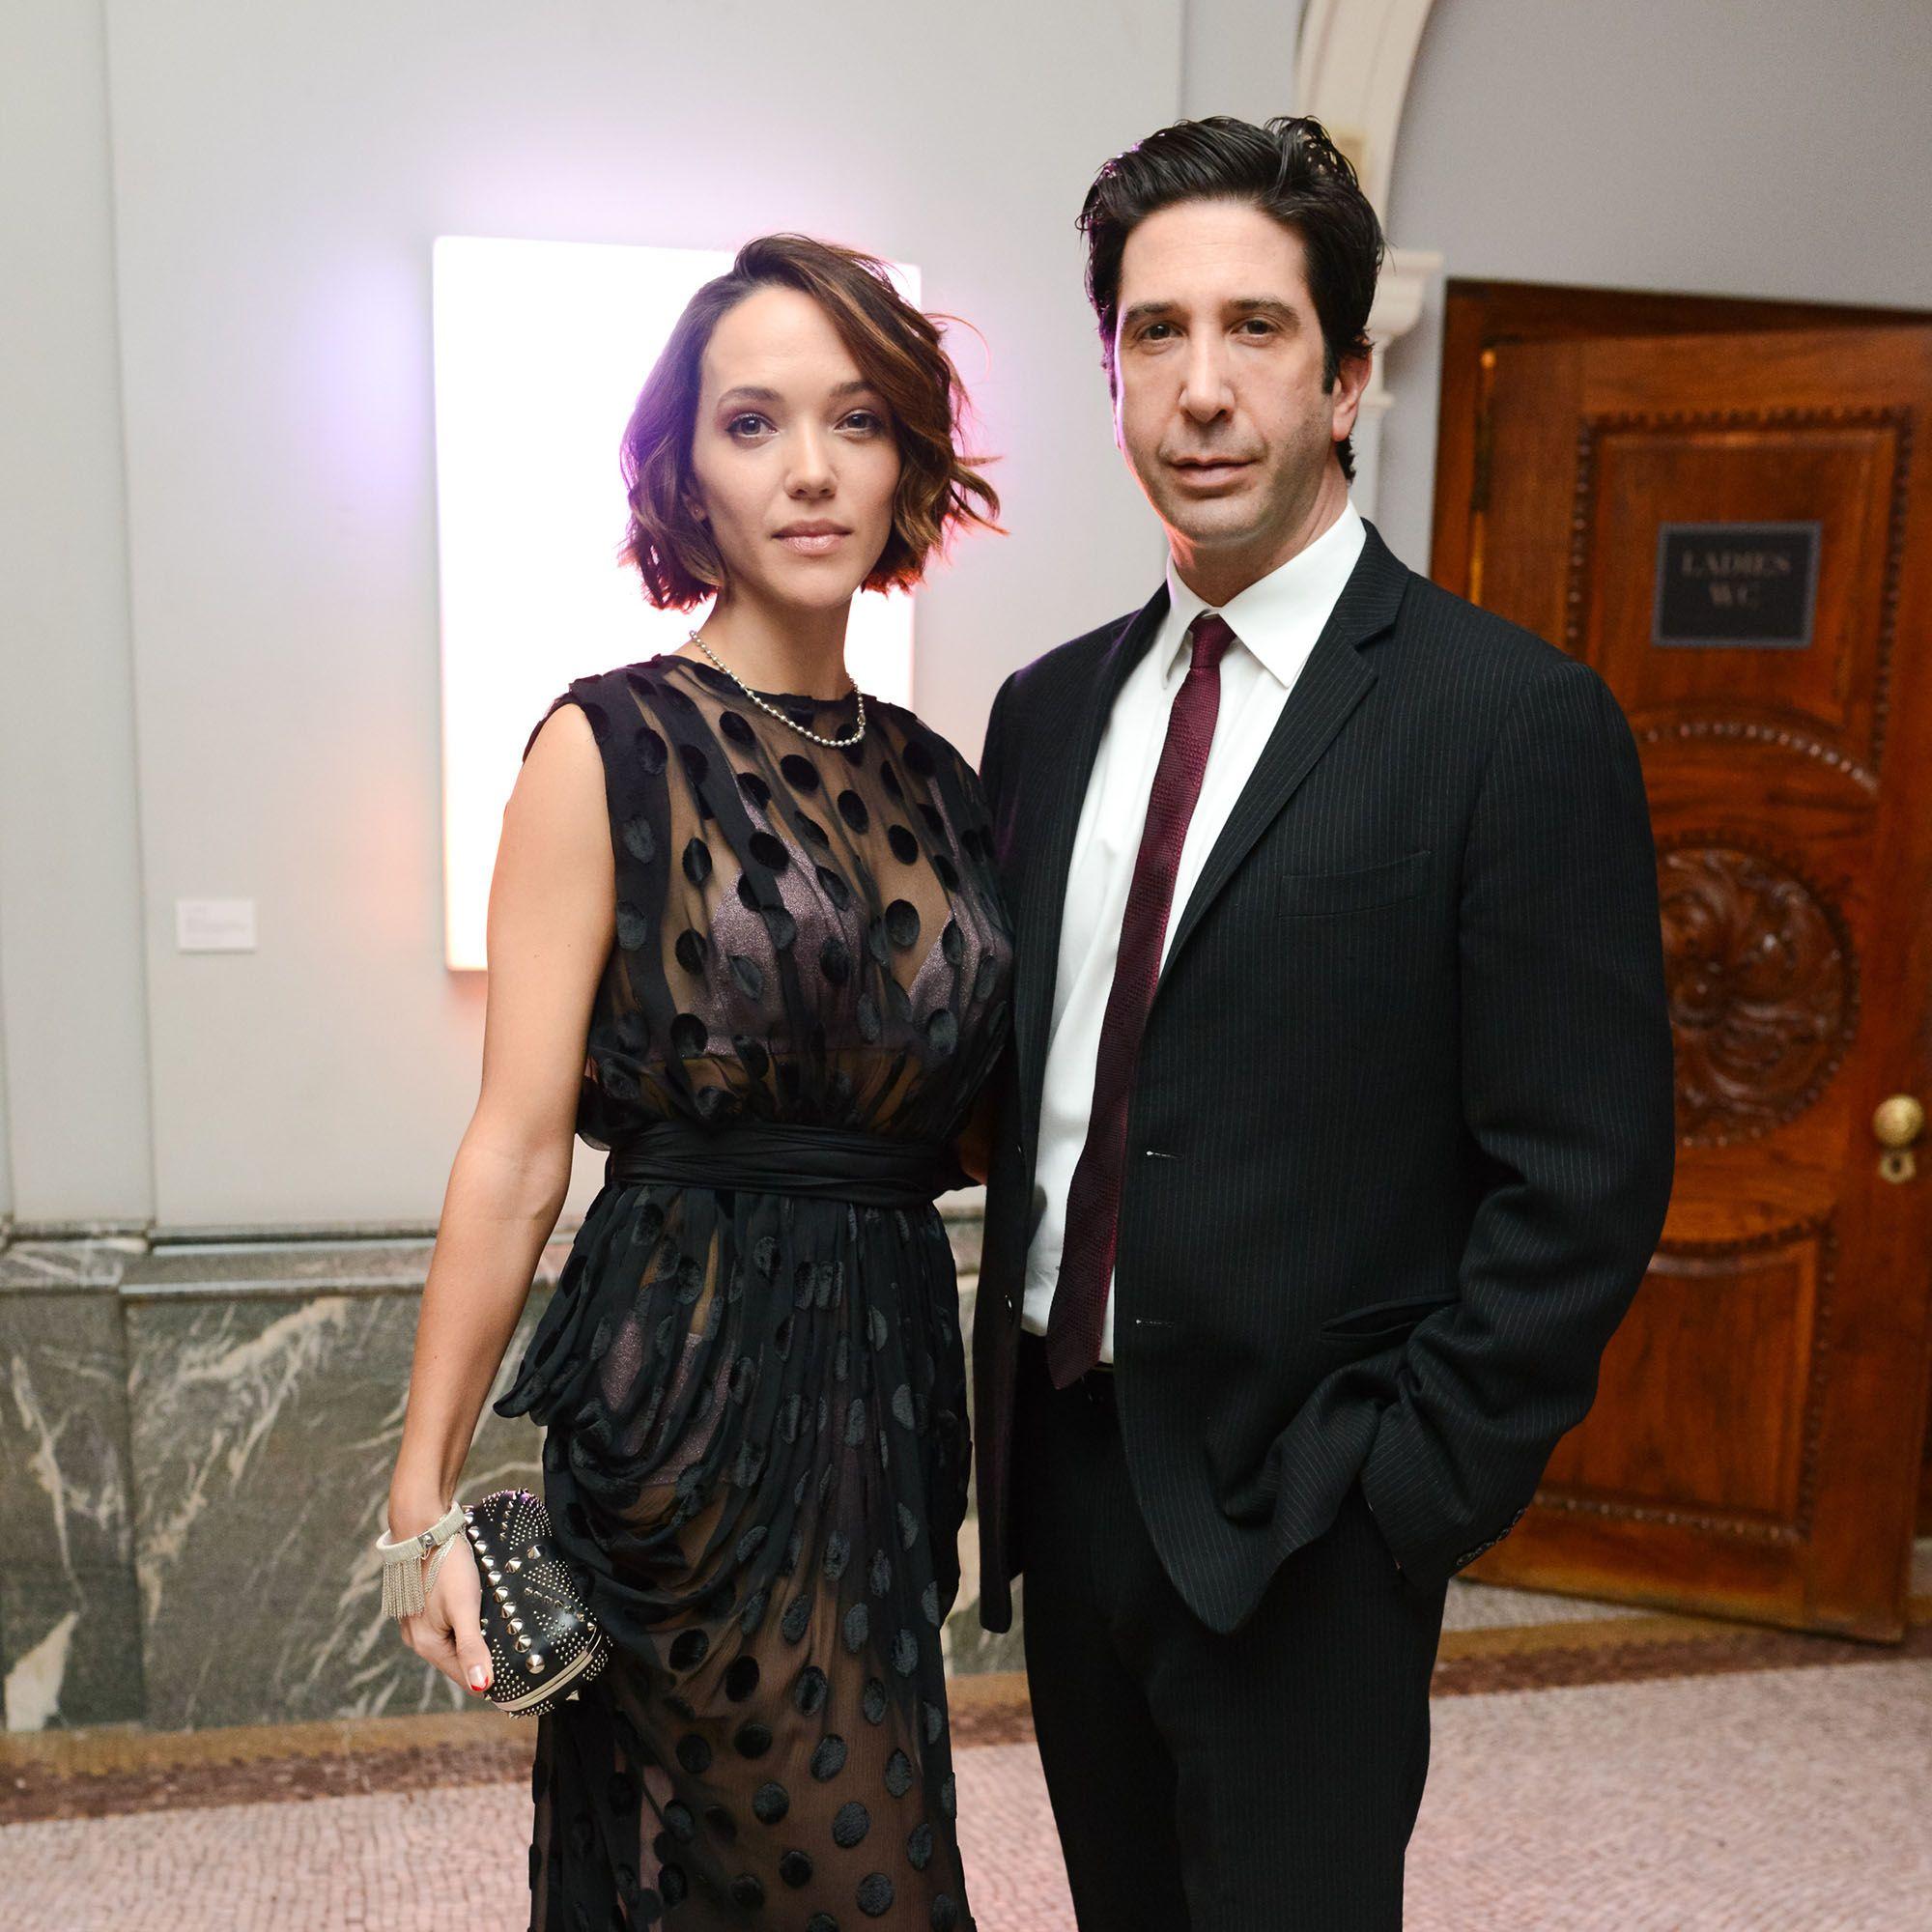 Zoe Buckman, David Schwimmer